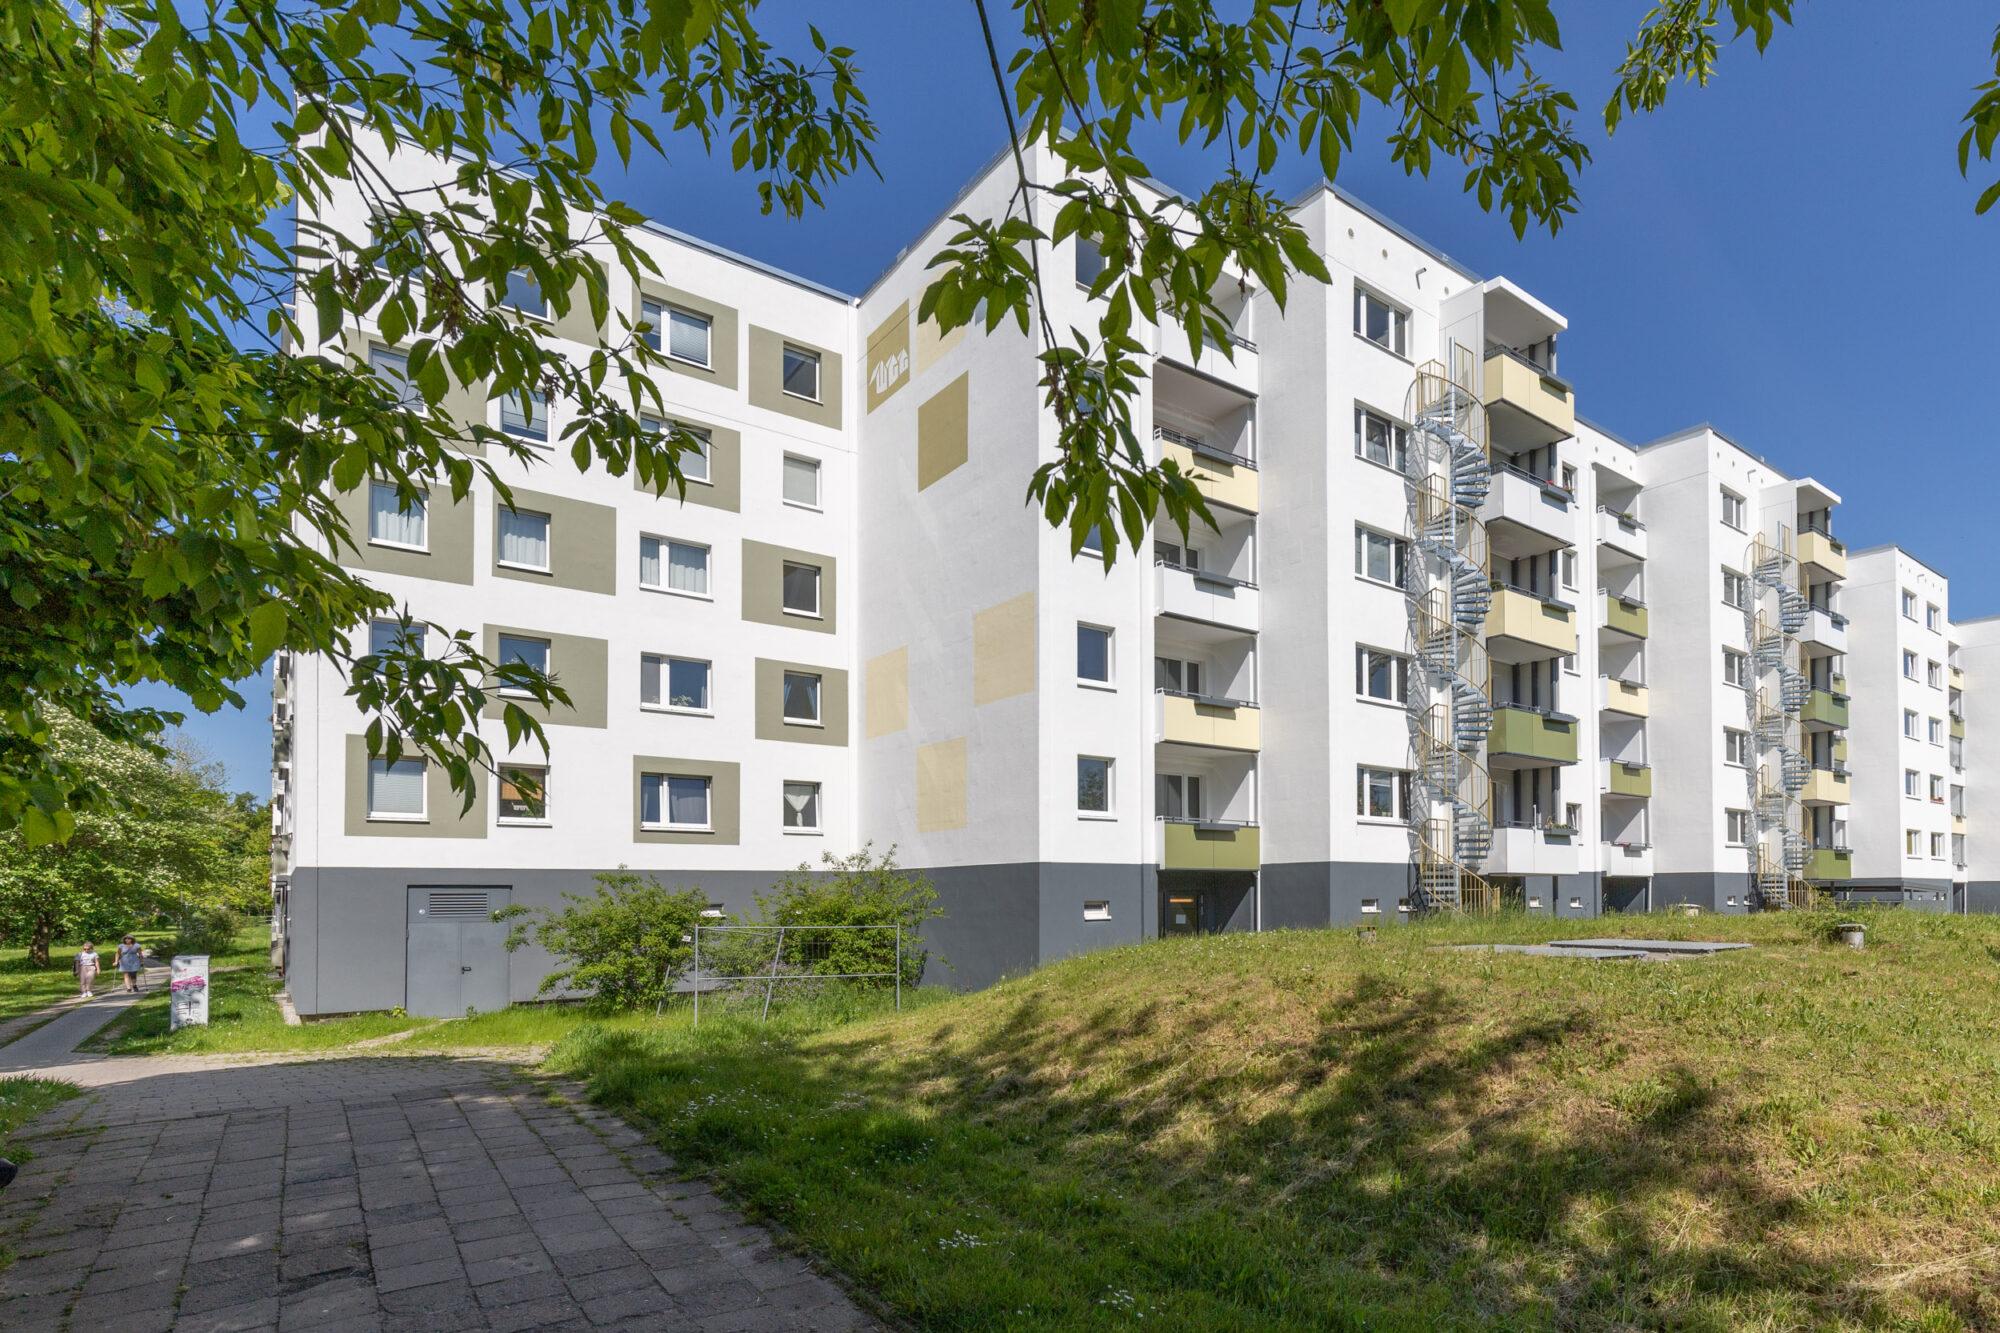 Modernisierungsprojekt Prokofjewstraße von der Anklamer Straße